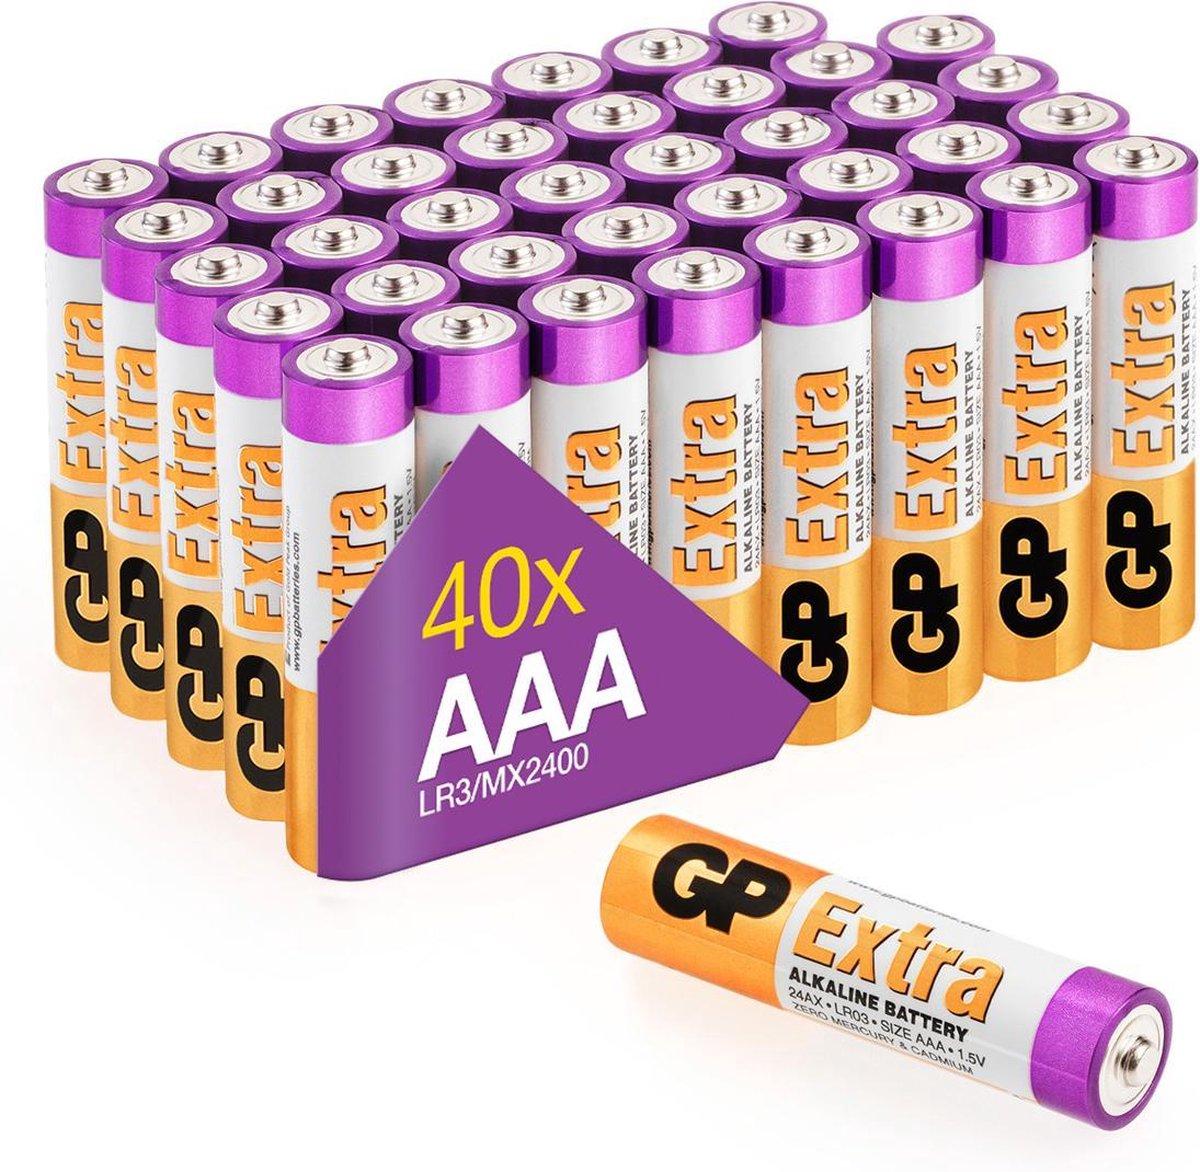 GP Extra Alkaline batterijen AAA micro mini penlite LR03 batterij 1.5V - 40 stuks - AAA batterij